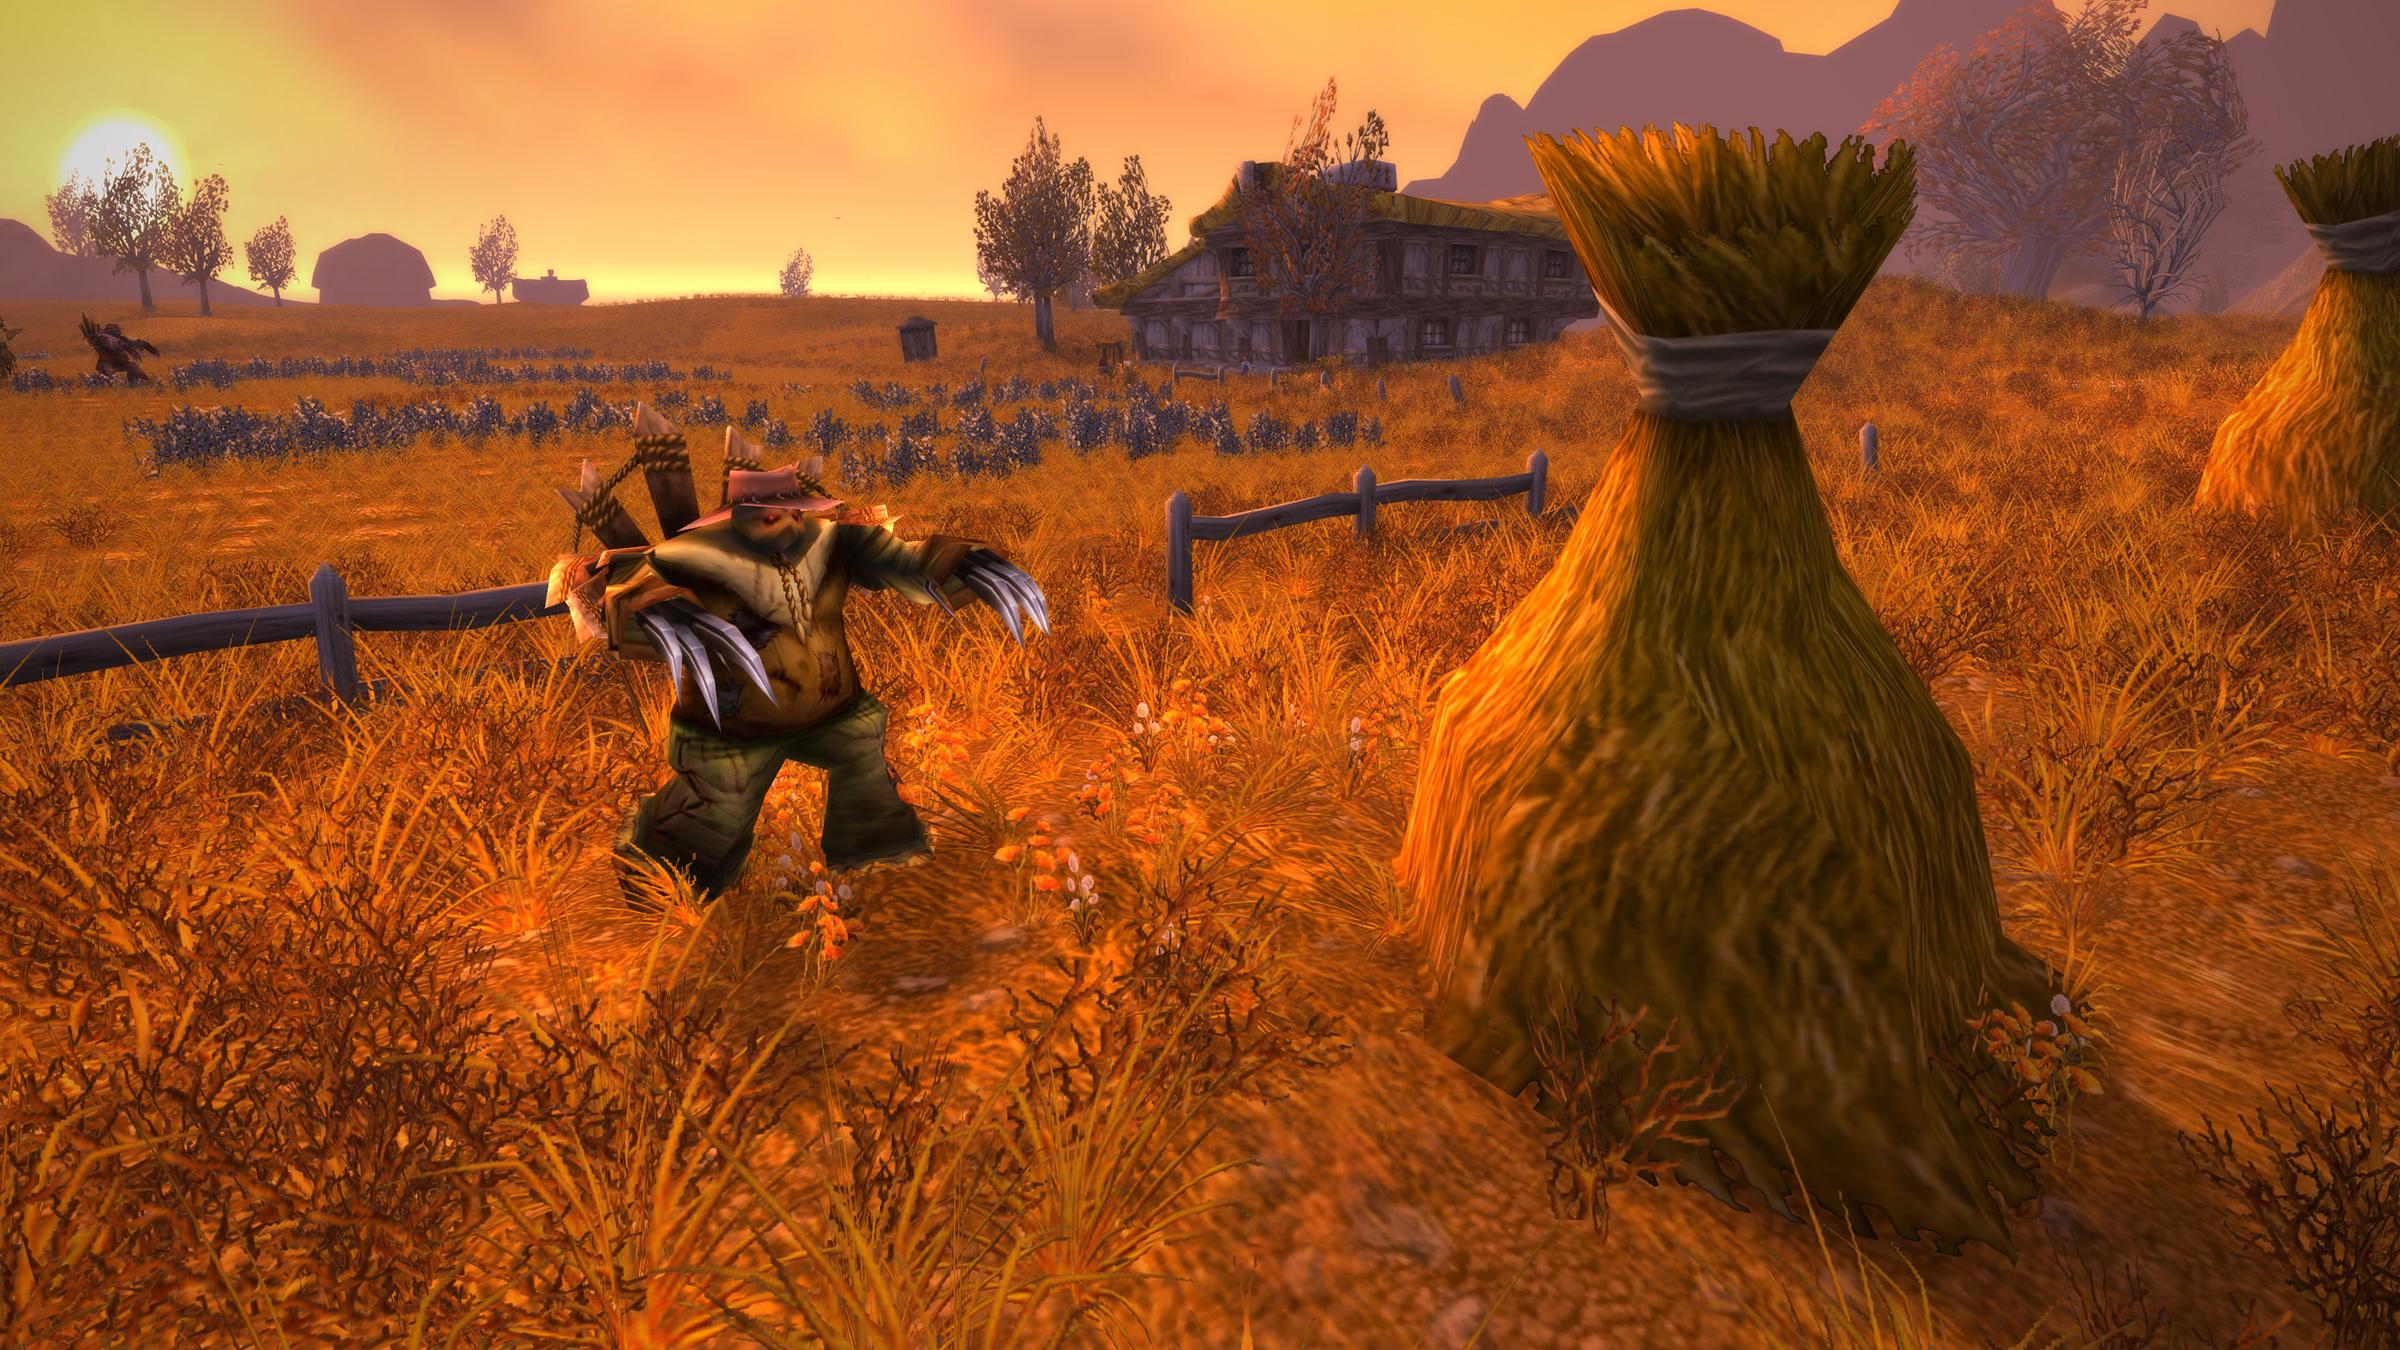 現在のMMORPG業界がガチで悲惨すぎると話題に!